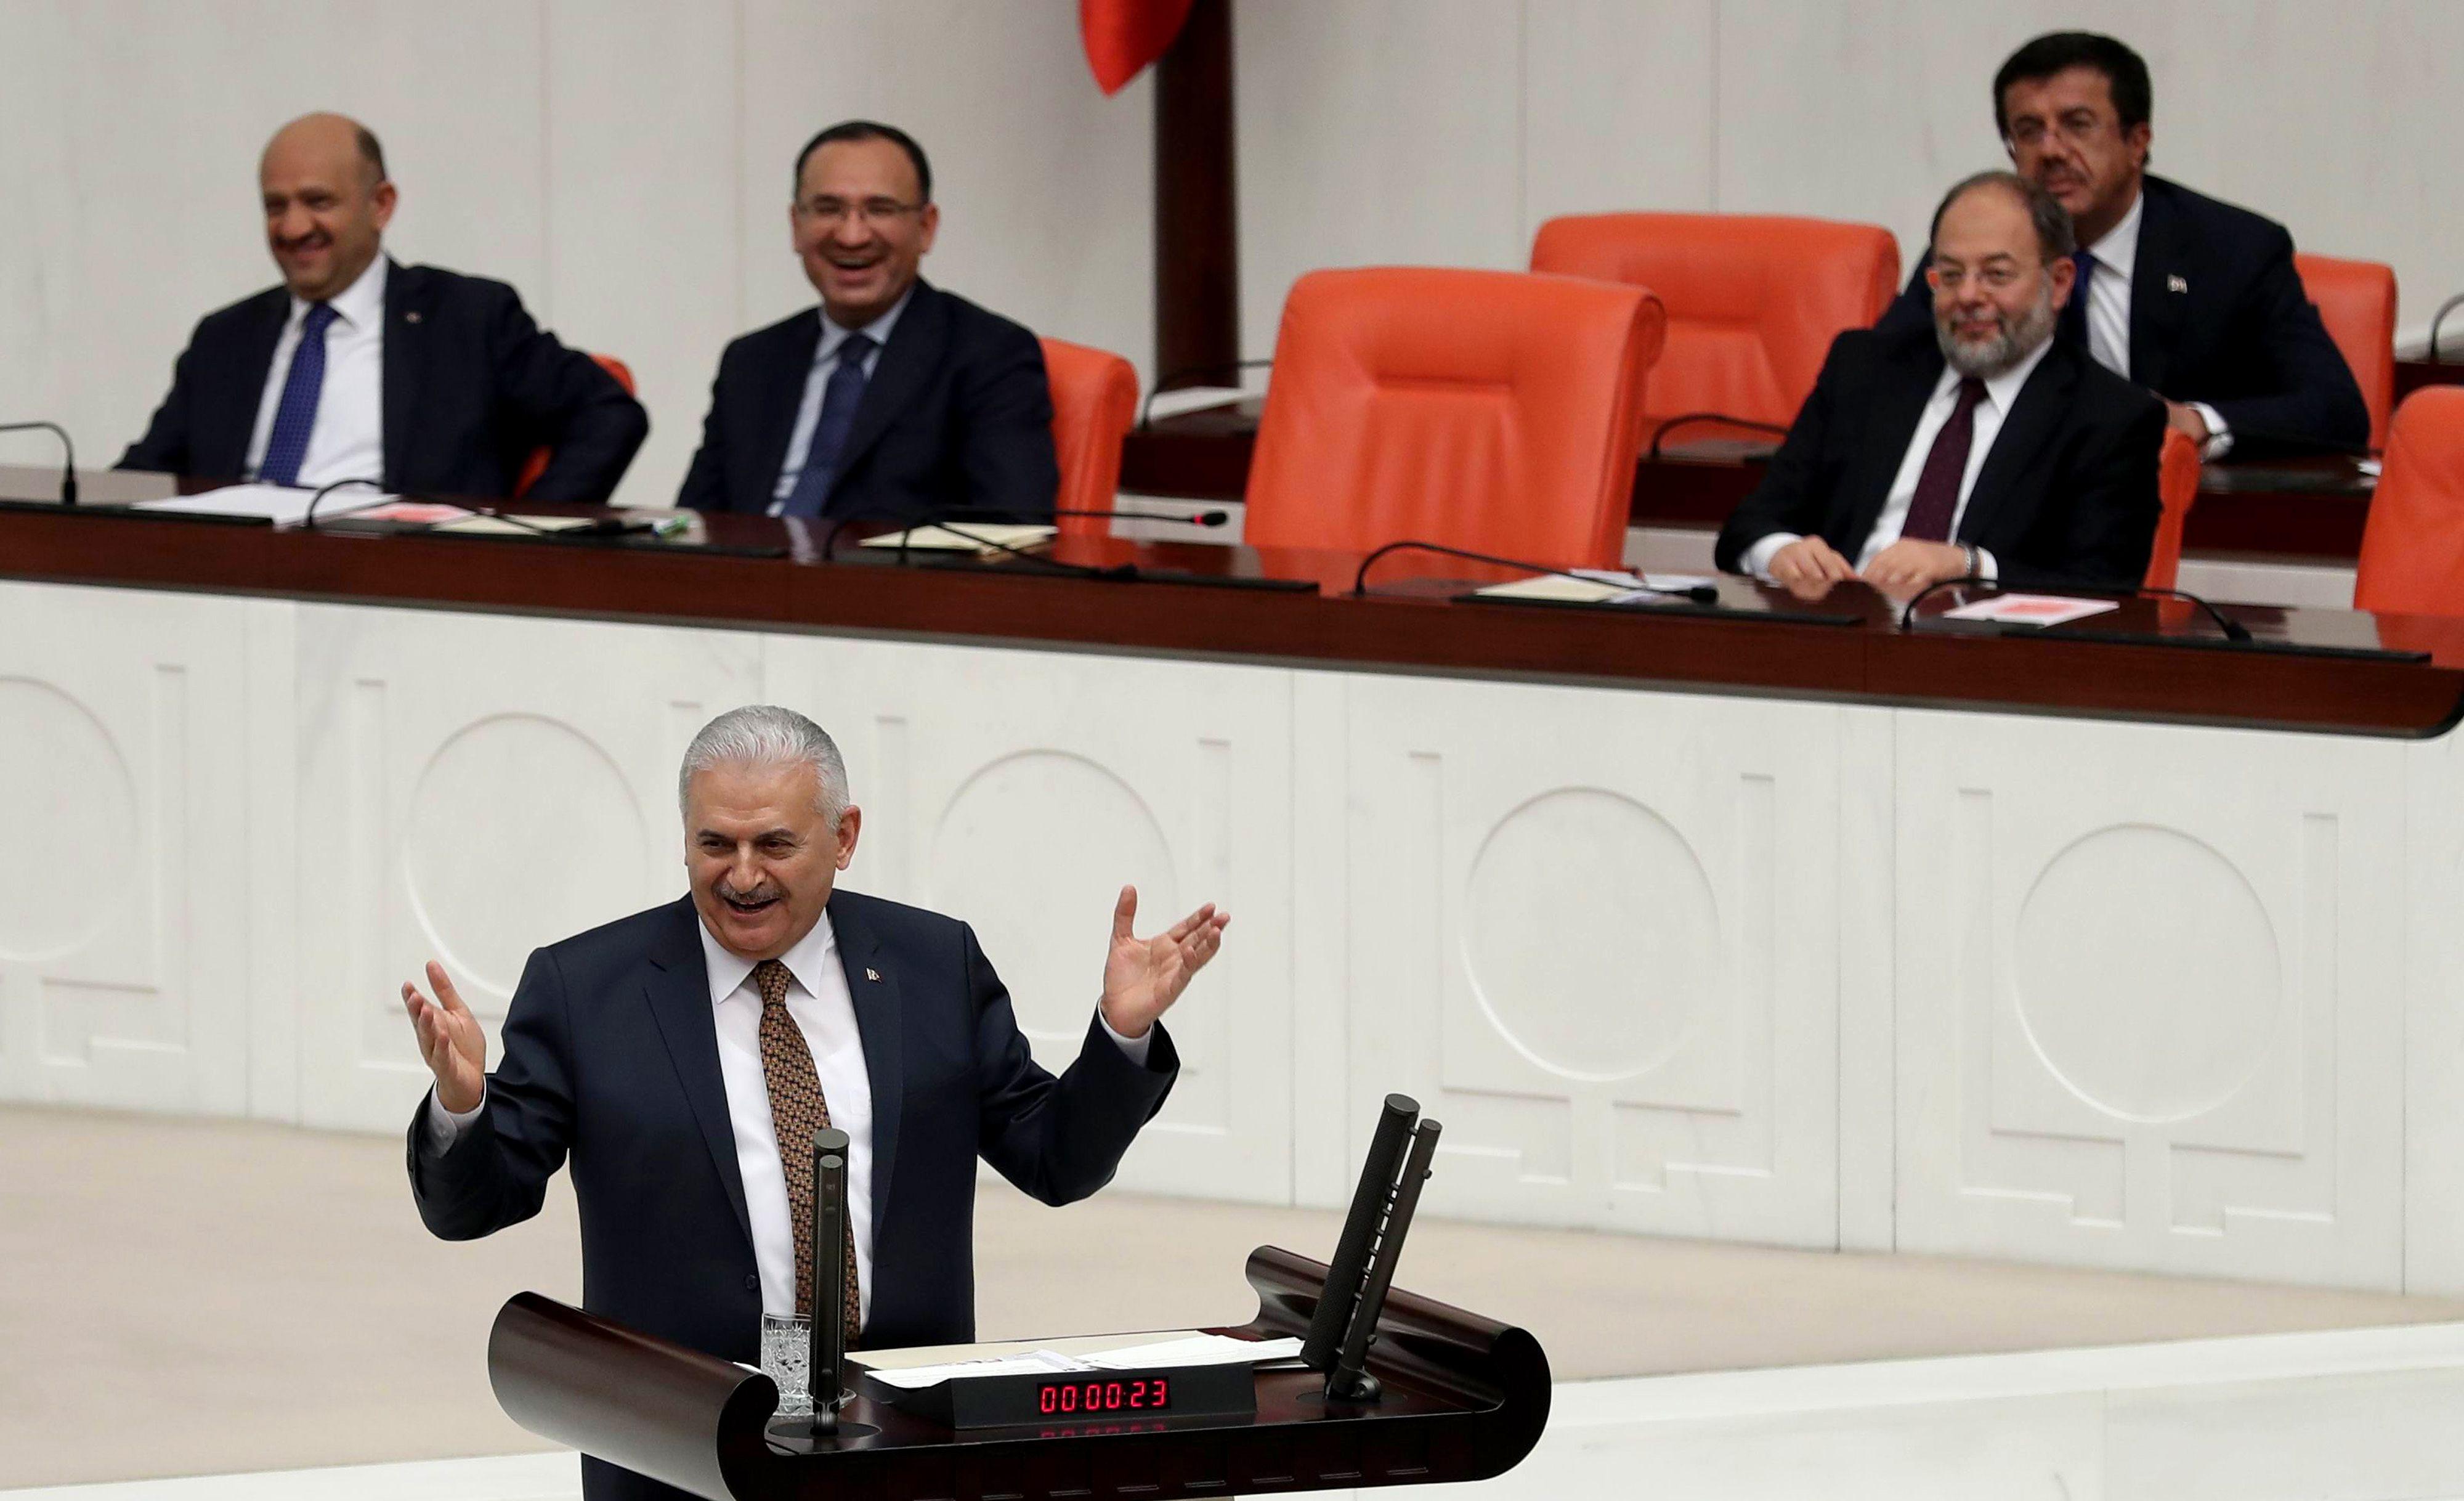 رئيس الوزراء التركي يلديريم